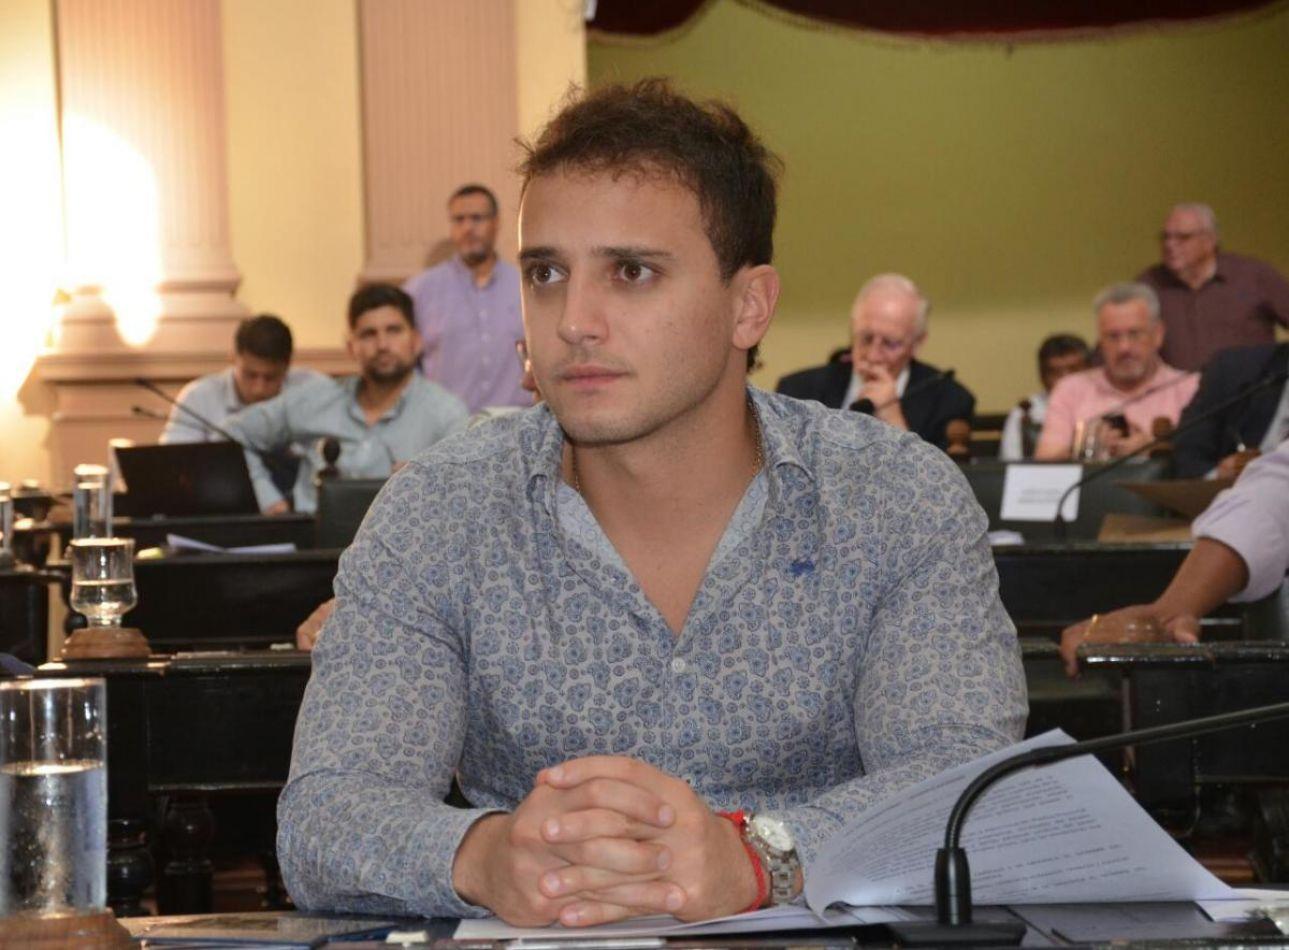 Arde el bloque oficialista en la Cámara de Diputados: mensajes por WhatsApp y defensas insólitas